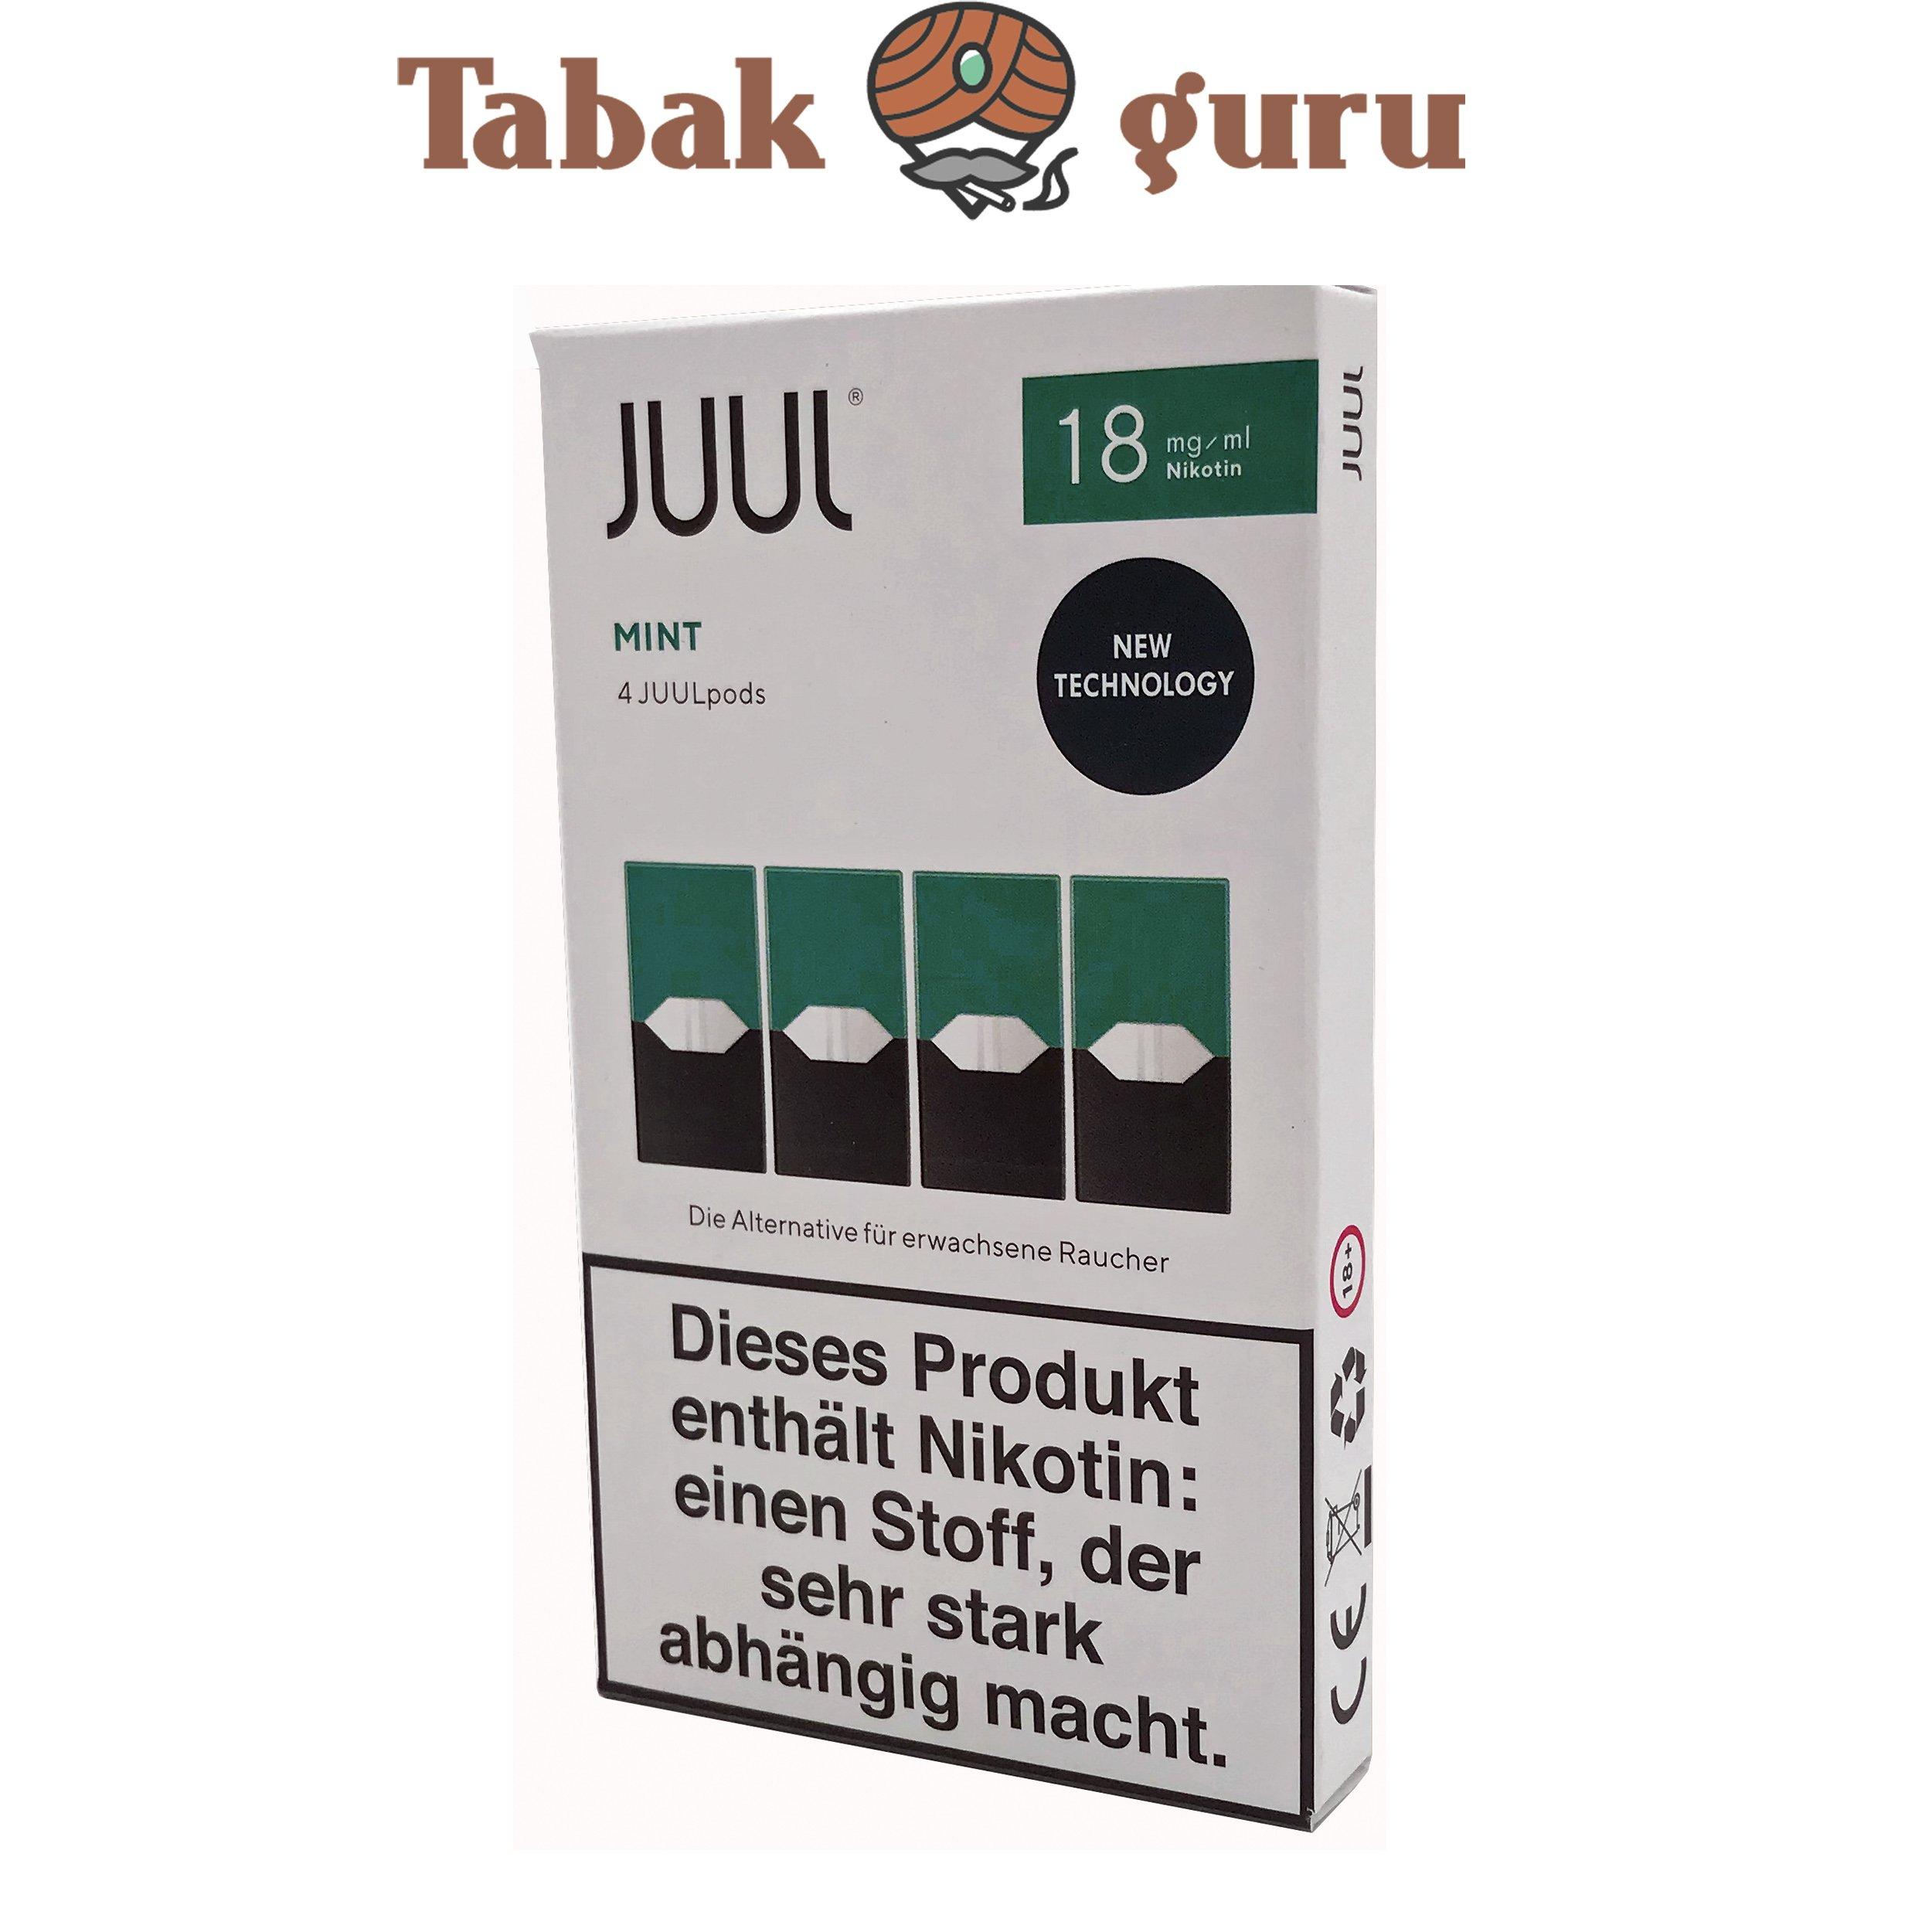 JUUL Mint Pods 18mg/ml á 4 Pods